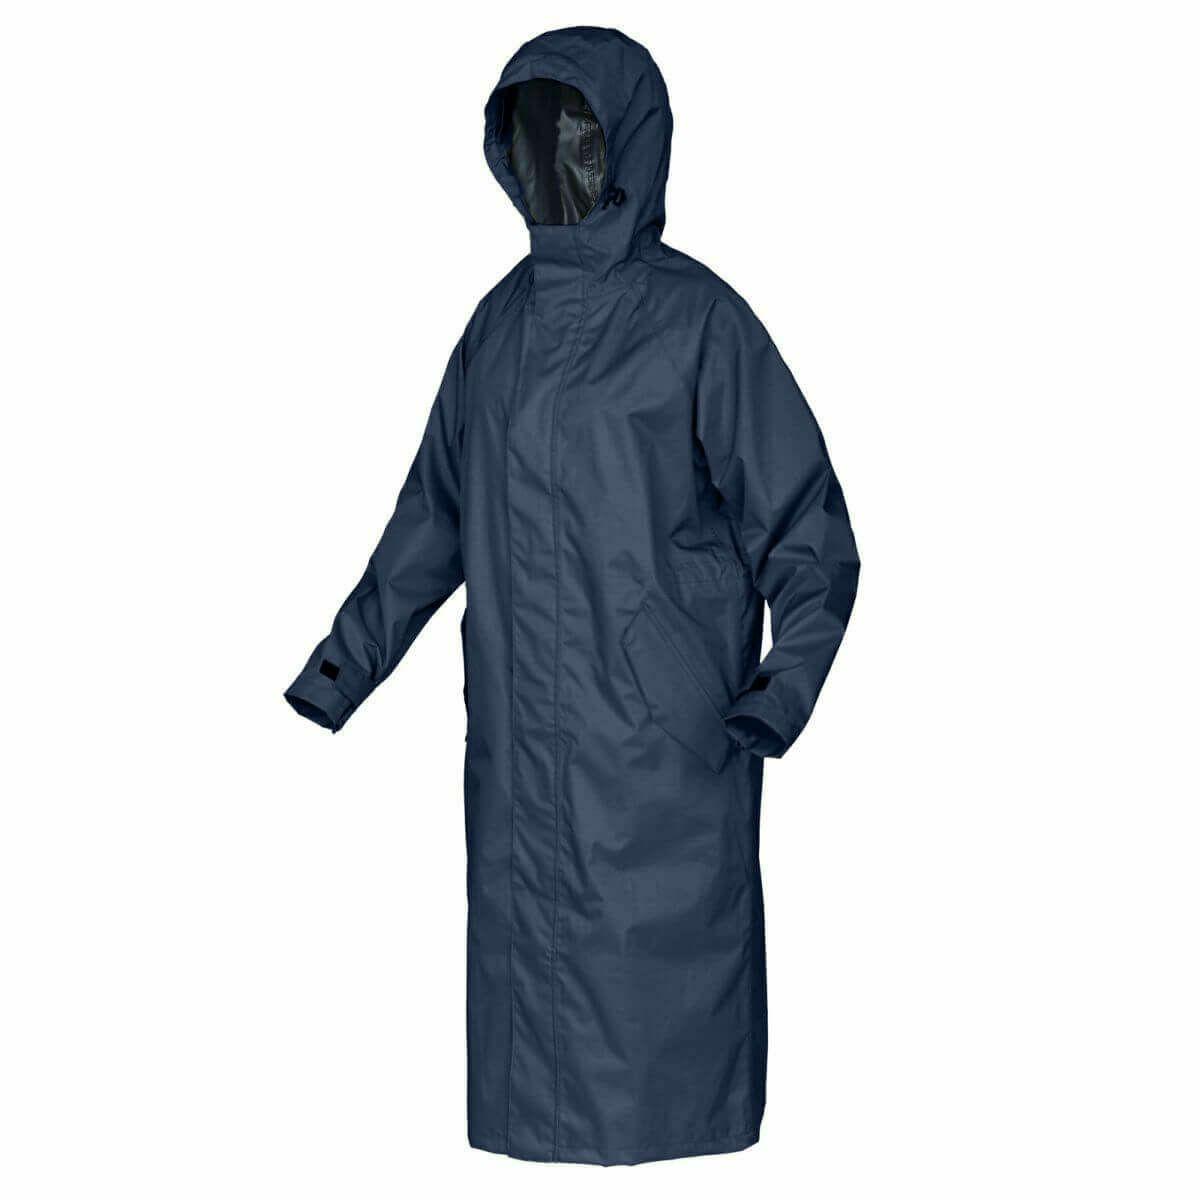 レインバイザーは、付属のレインコート収納袋にすっぽりしまえて、持ち運ぶことが可能です。レインコート着用時に、ご利用ください。